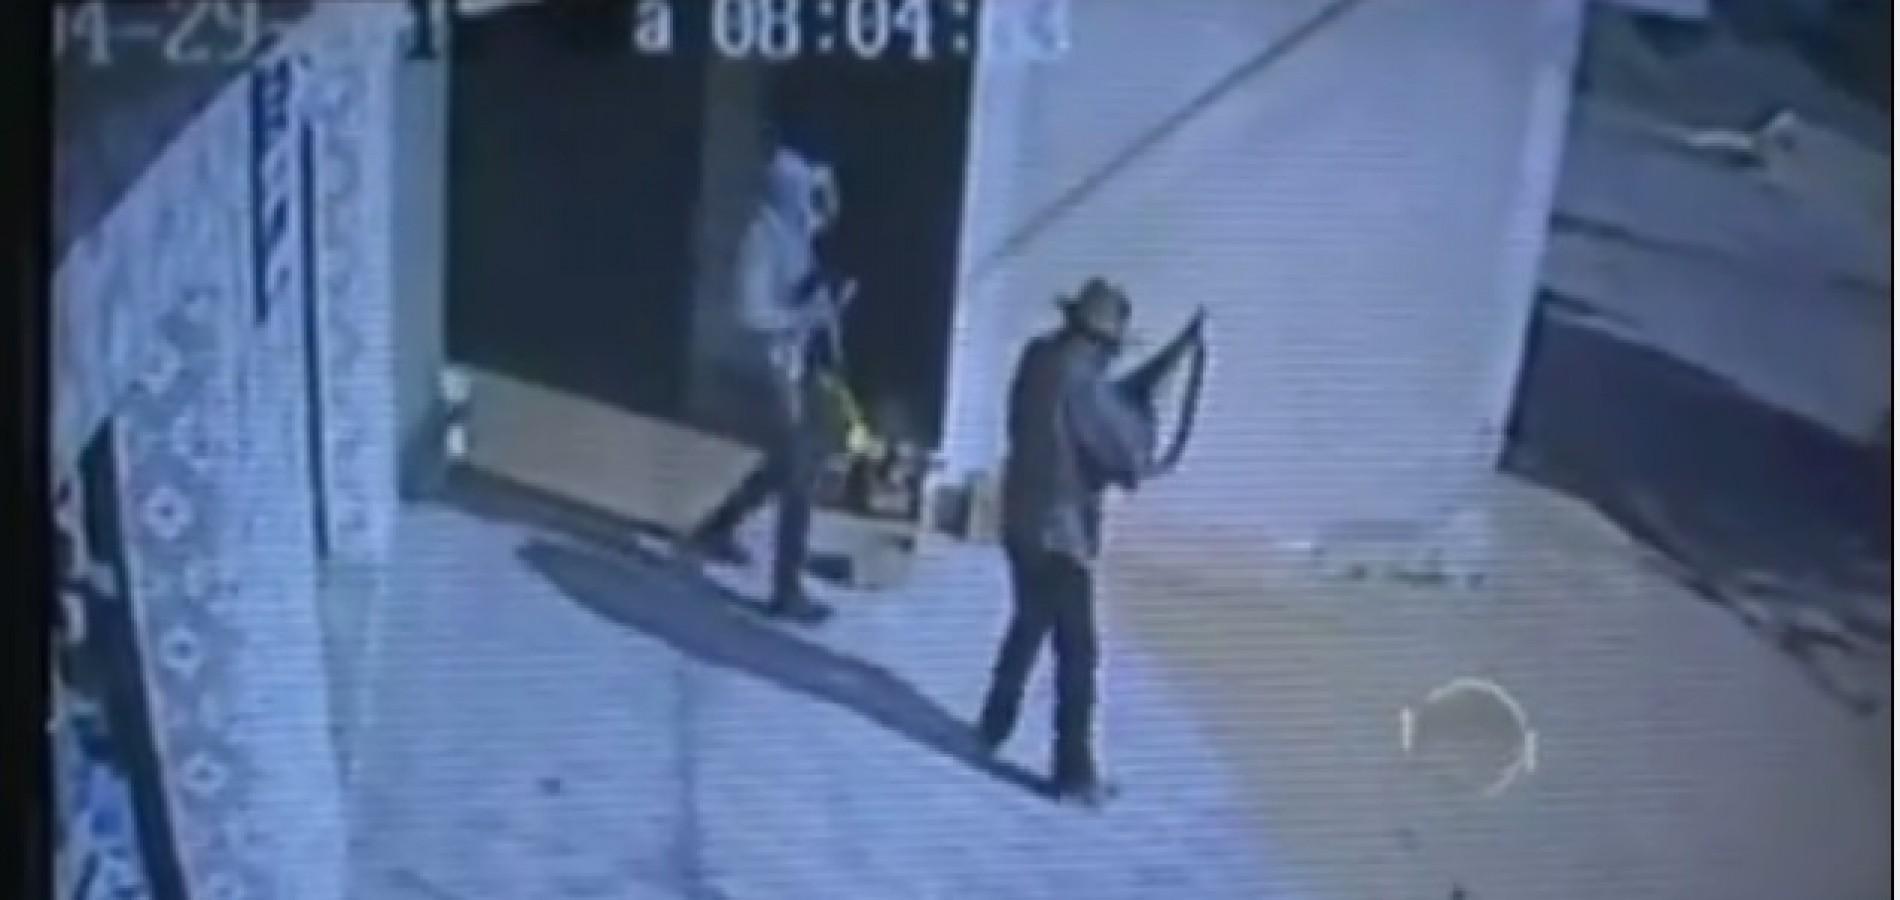 GEMINIANO | Vídeo mostra vítimas sendo arrastadas durante assalto ao comércio e lotérica. Veja!